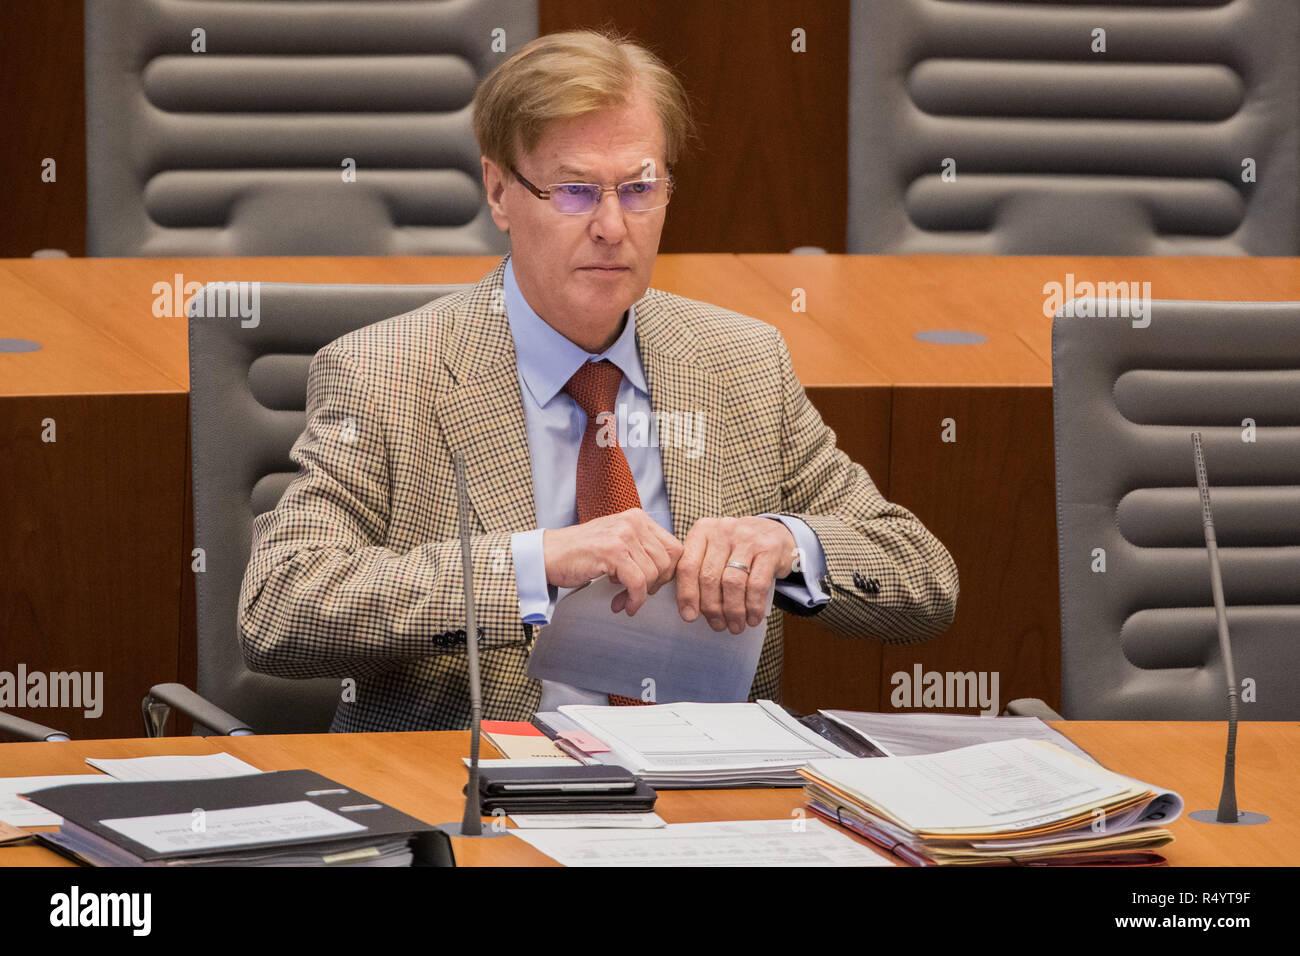 29 novembre 2018, en Rhénanie du Nord-Westphalie, Düsseldorf: Peter Biesenbach (CDU), Ministre de la Justice de la Hesse, est assis dans le plénum du Parlement d'Etat. Débat sur la sortie du Royaume-Uni avec l'UE et la création d'une commission d'enquête sur la mort d'un innocent prisonnier syrien dans la prison de Kleve. Photo: afp/Vennenbernd Rolf Banque D'Images